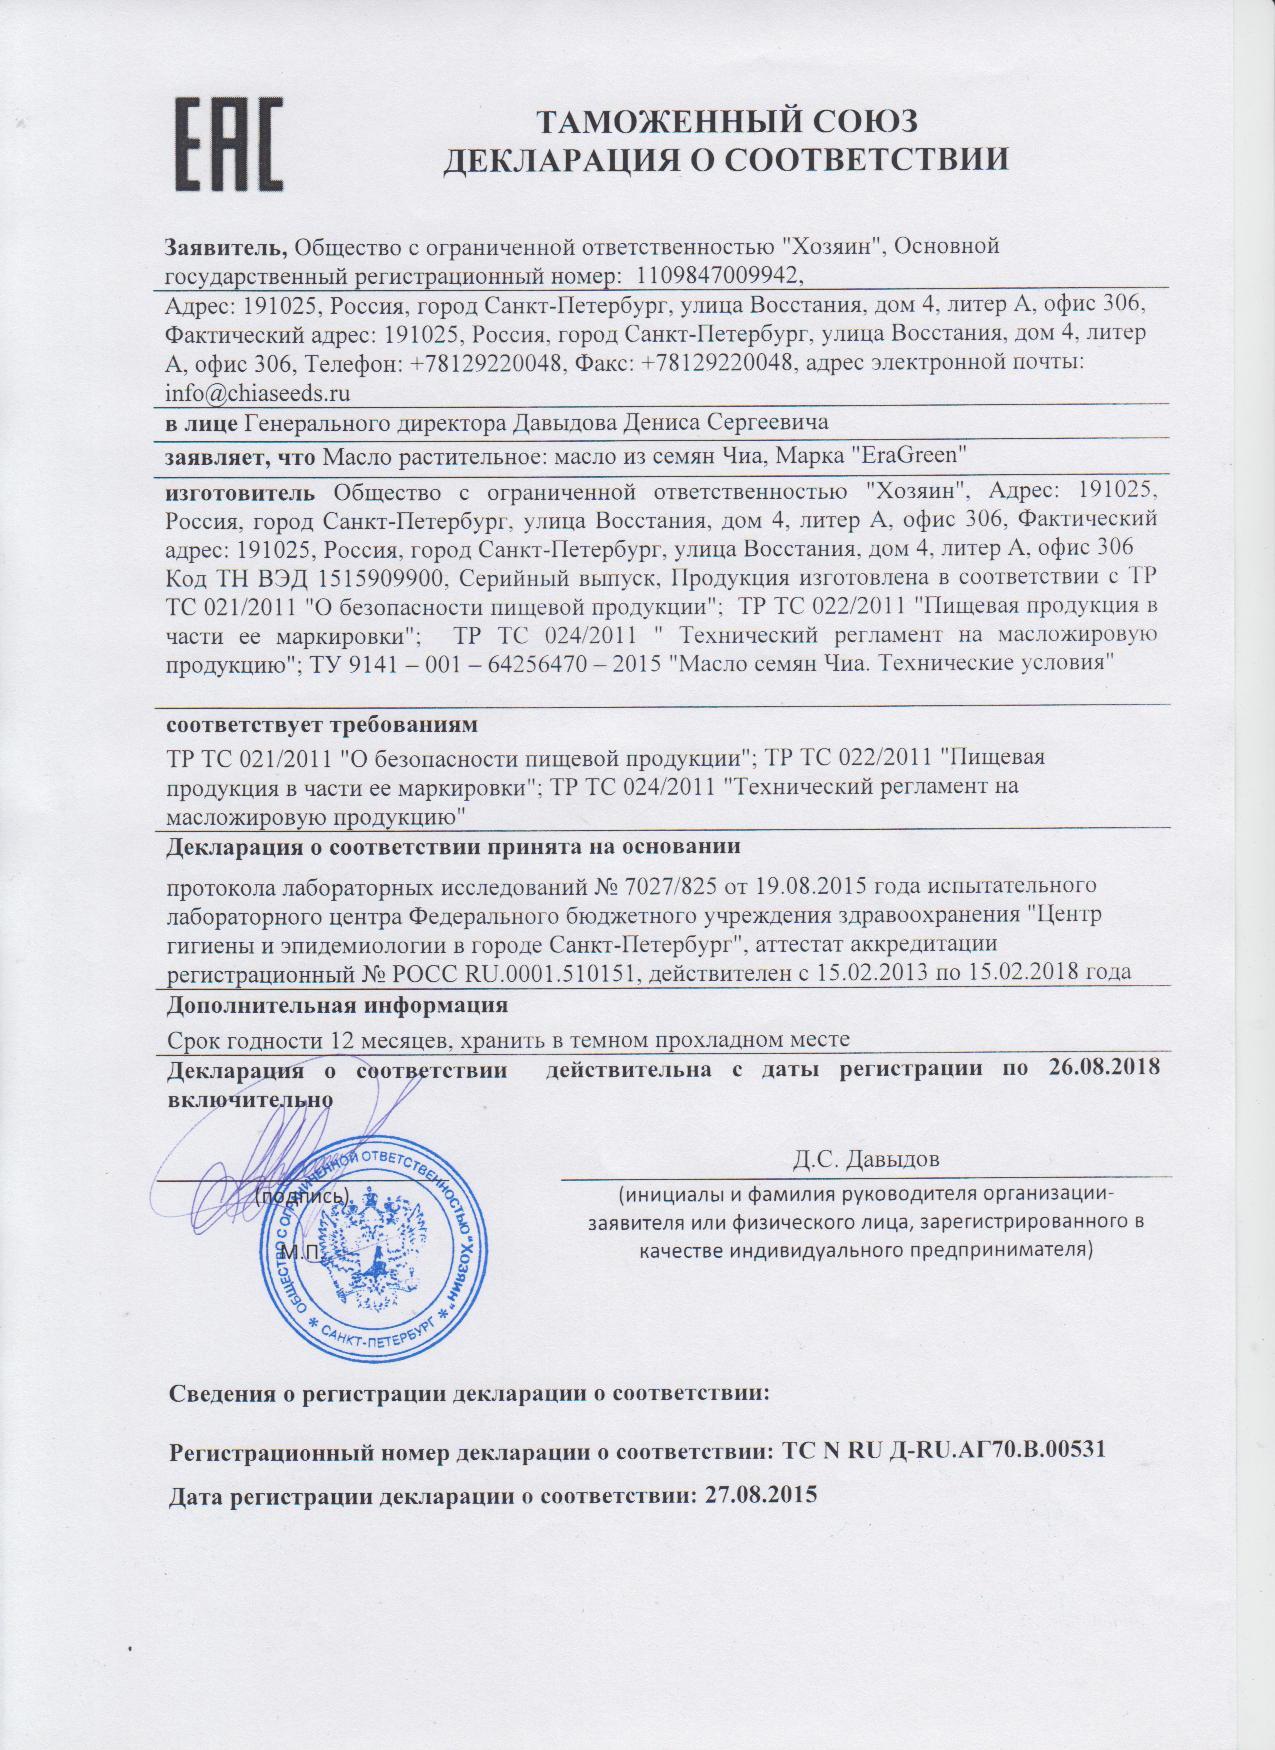 Декларация соответствия масло чиа